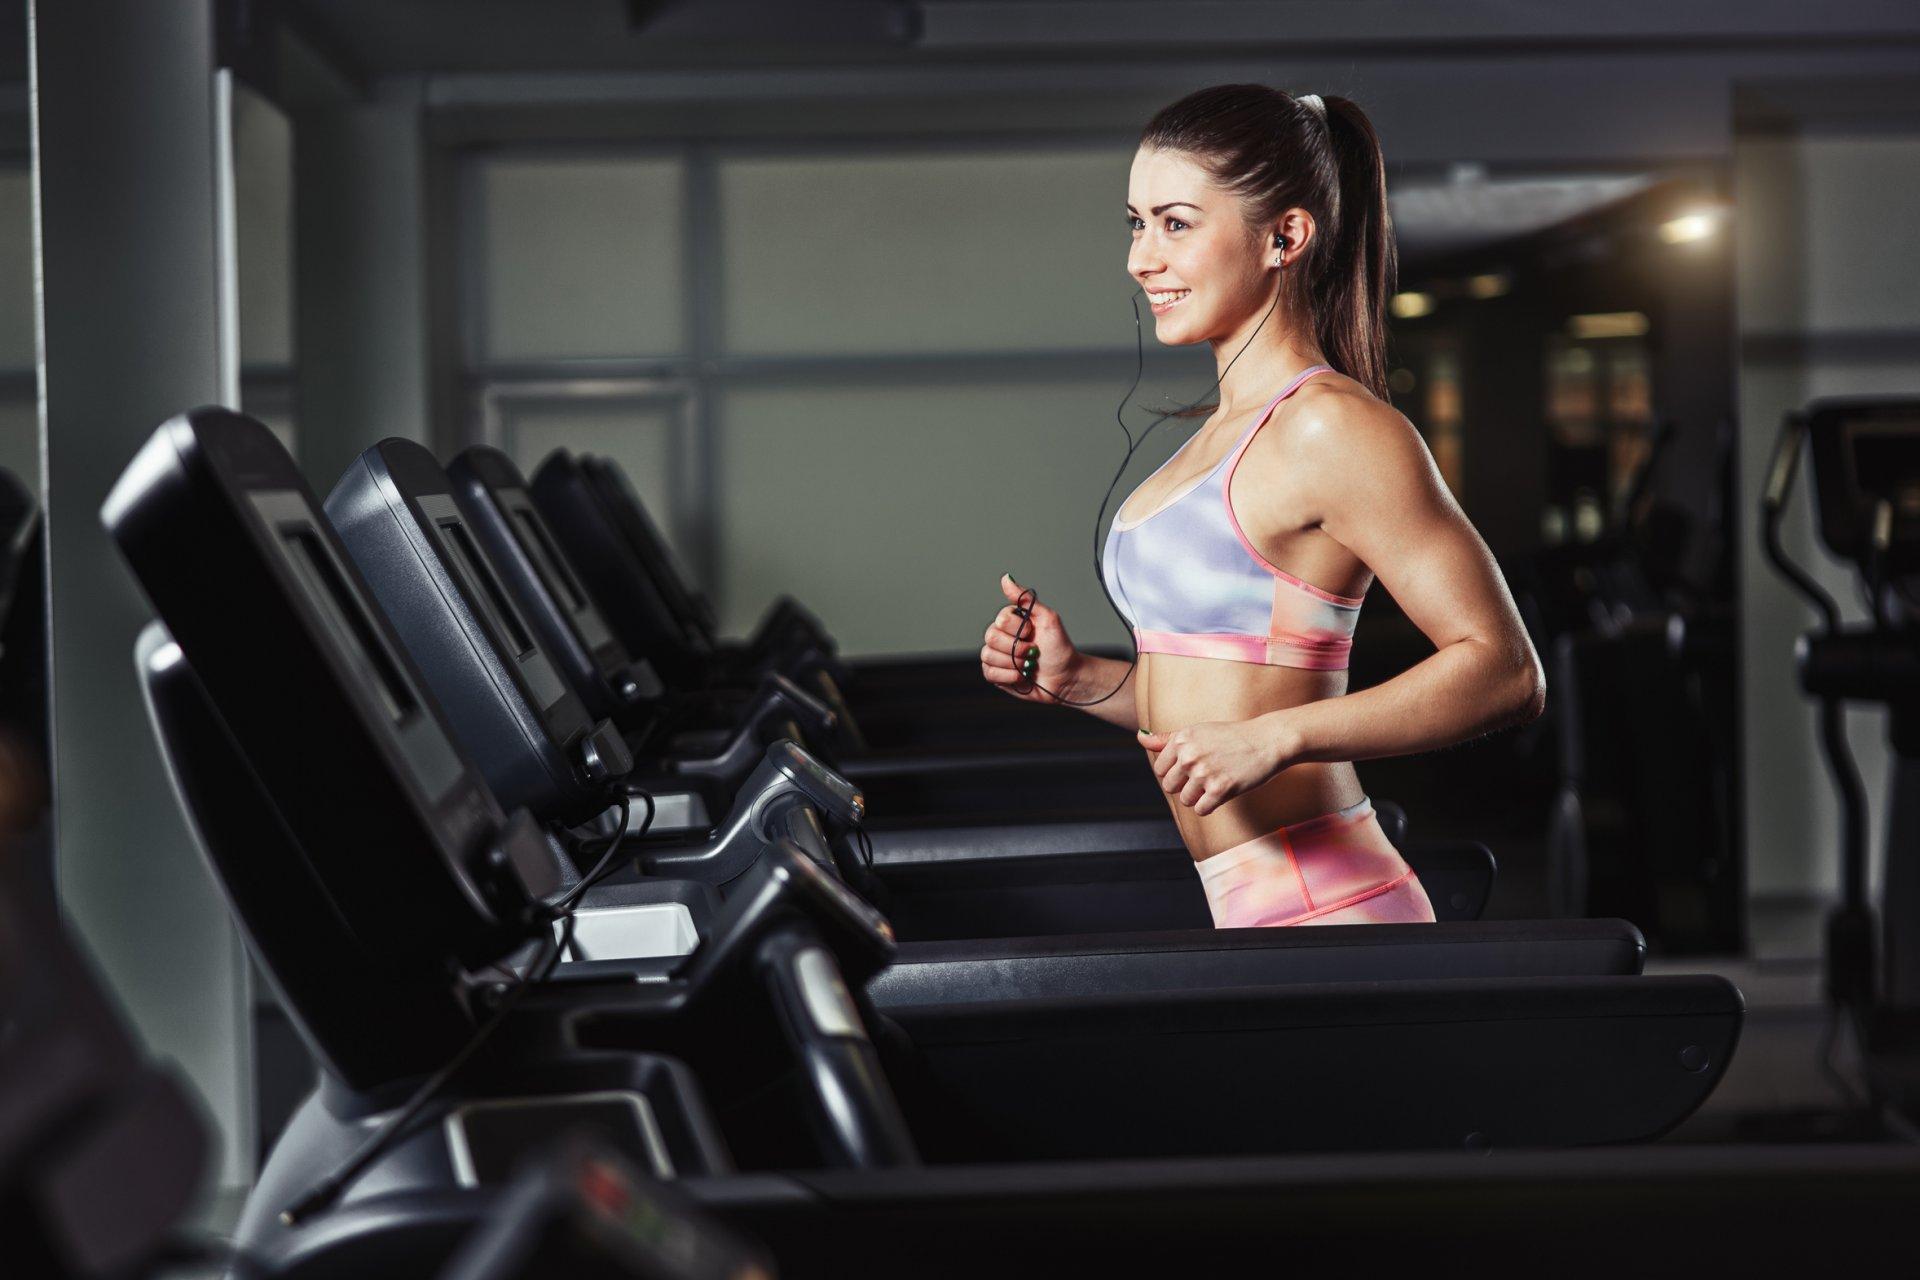 выезд, зеленоград видео девушек в фитнес зале всех